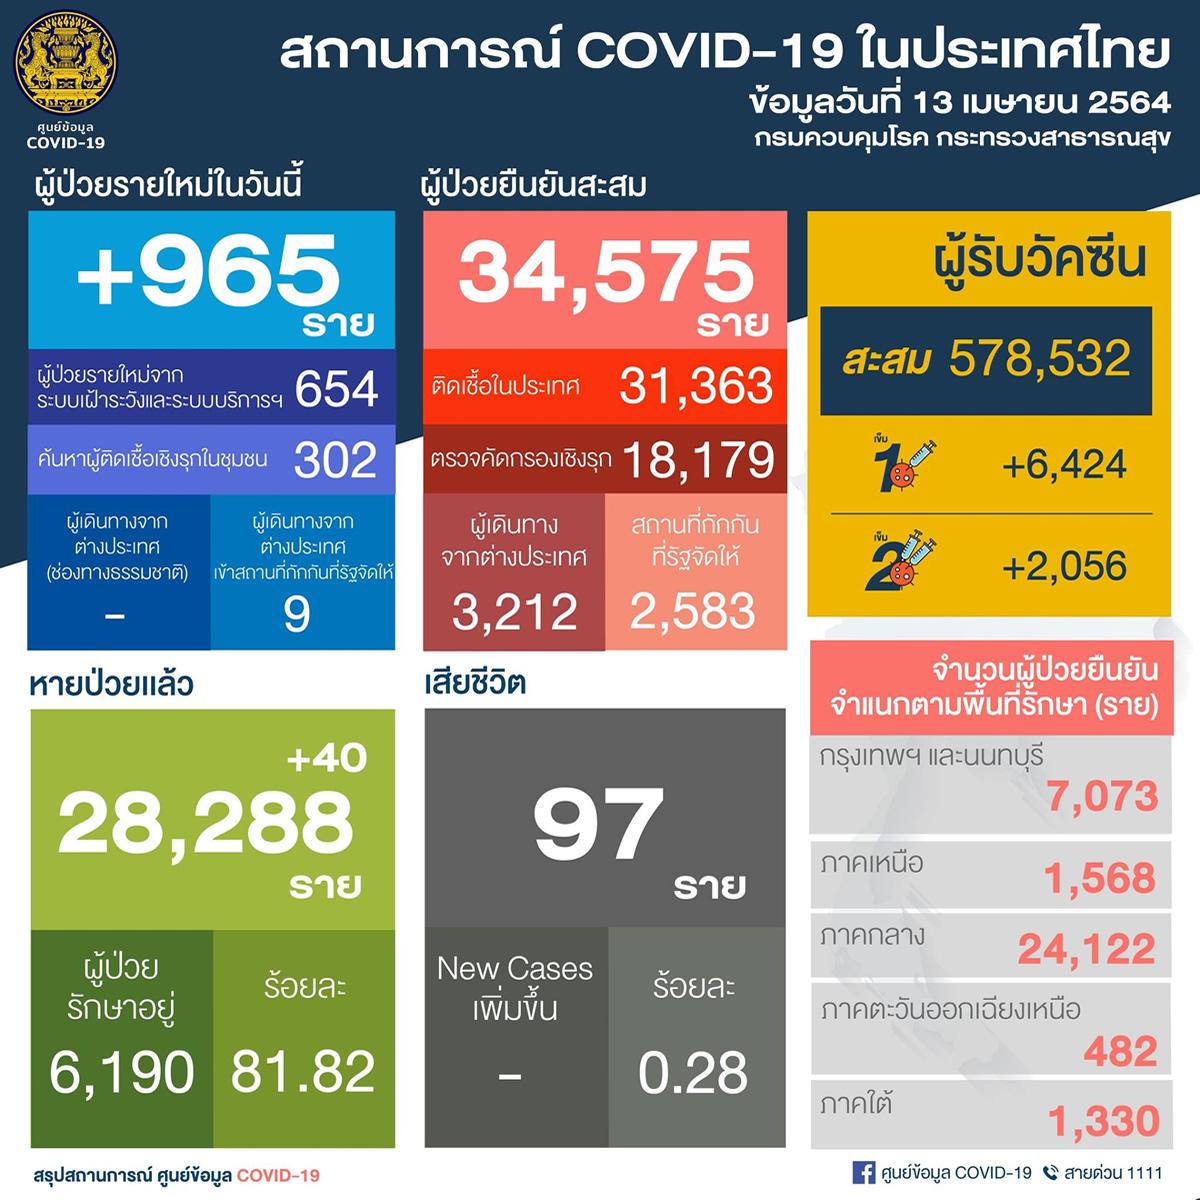 タイ国内感染956人、トップ3はチェンマイ、バンコク、チョンブリ[2021年4月13日発表]